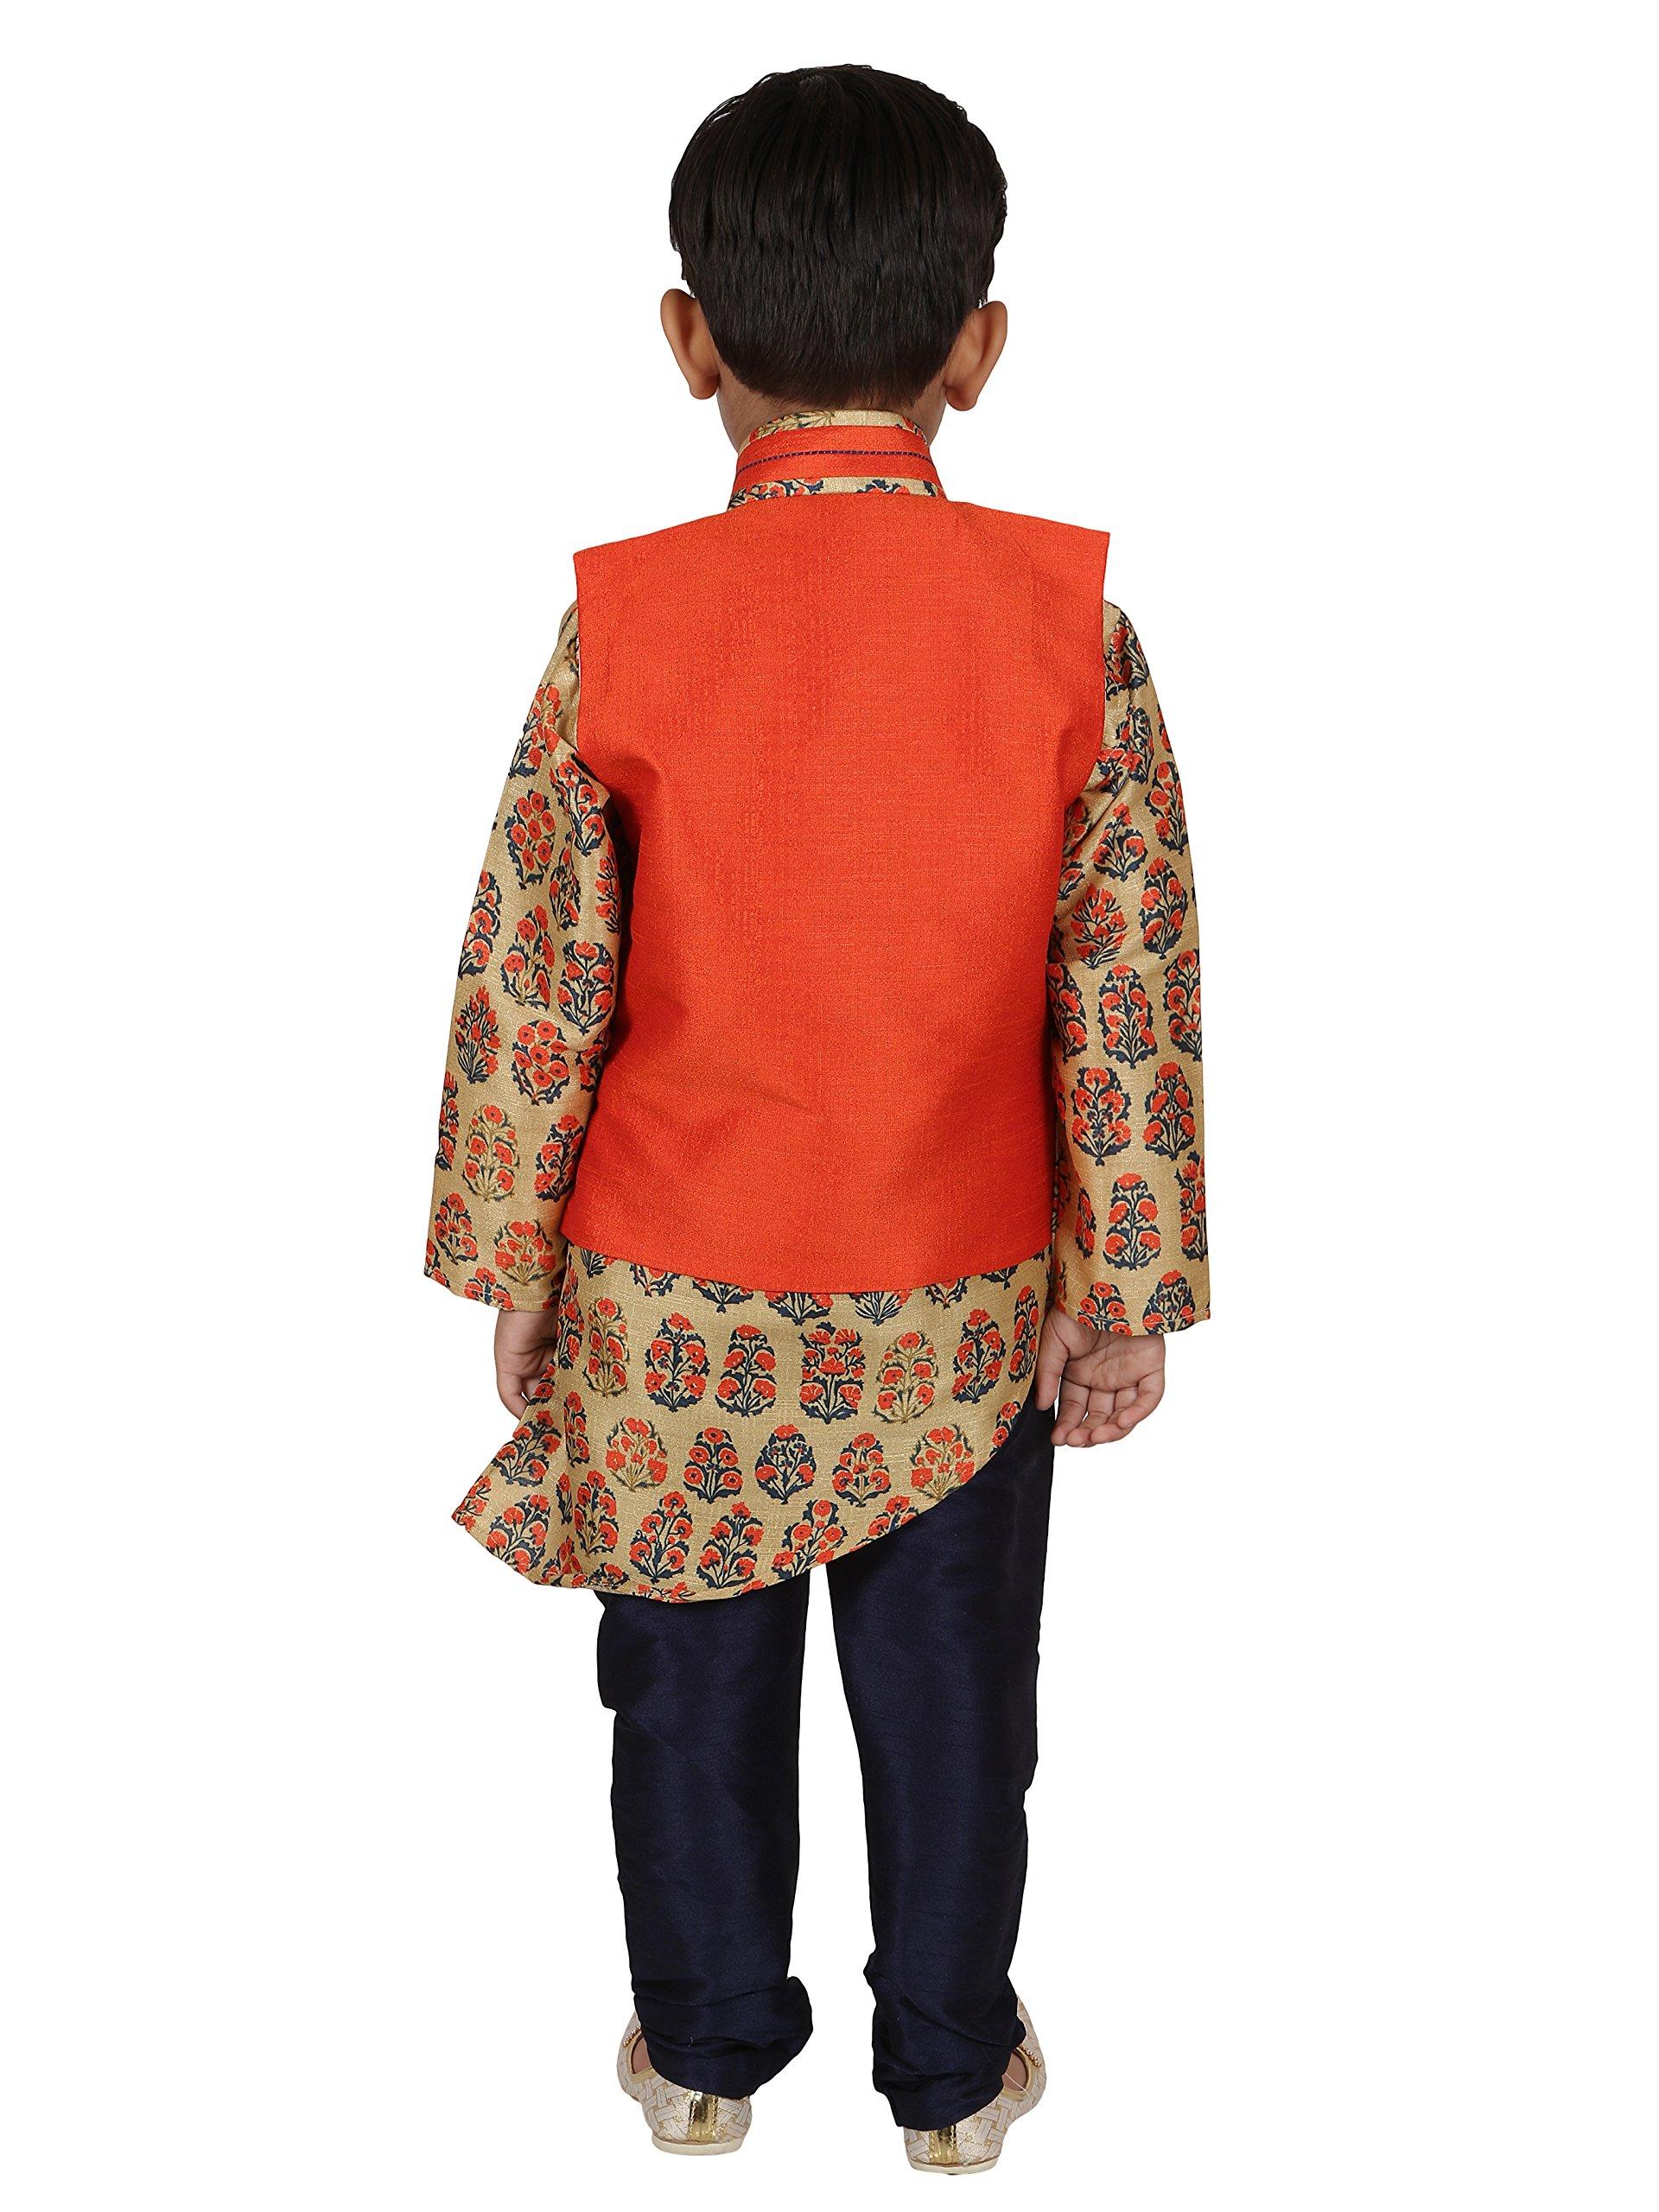 AJ Dezines Kids Indian Wear Bollywood Style Kurta Pyjama Waistcoat for Baby Boys by AJ Dezines (Image #3)